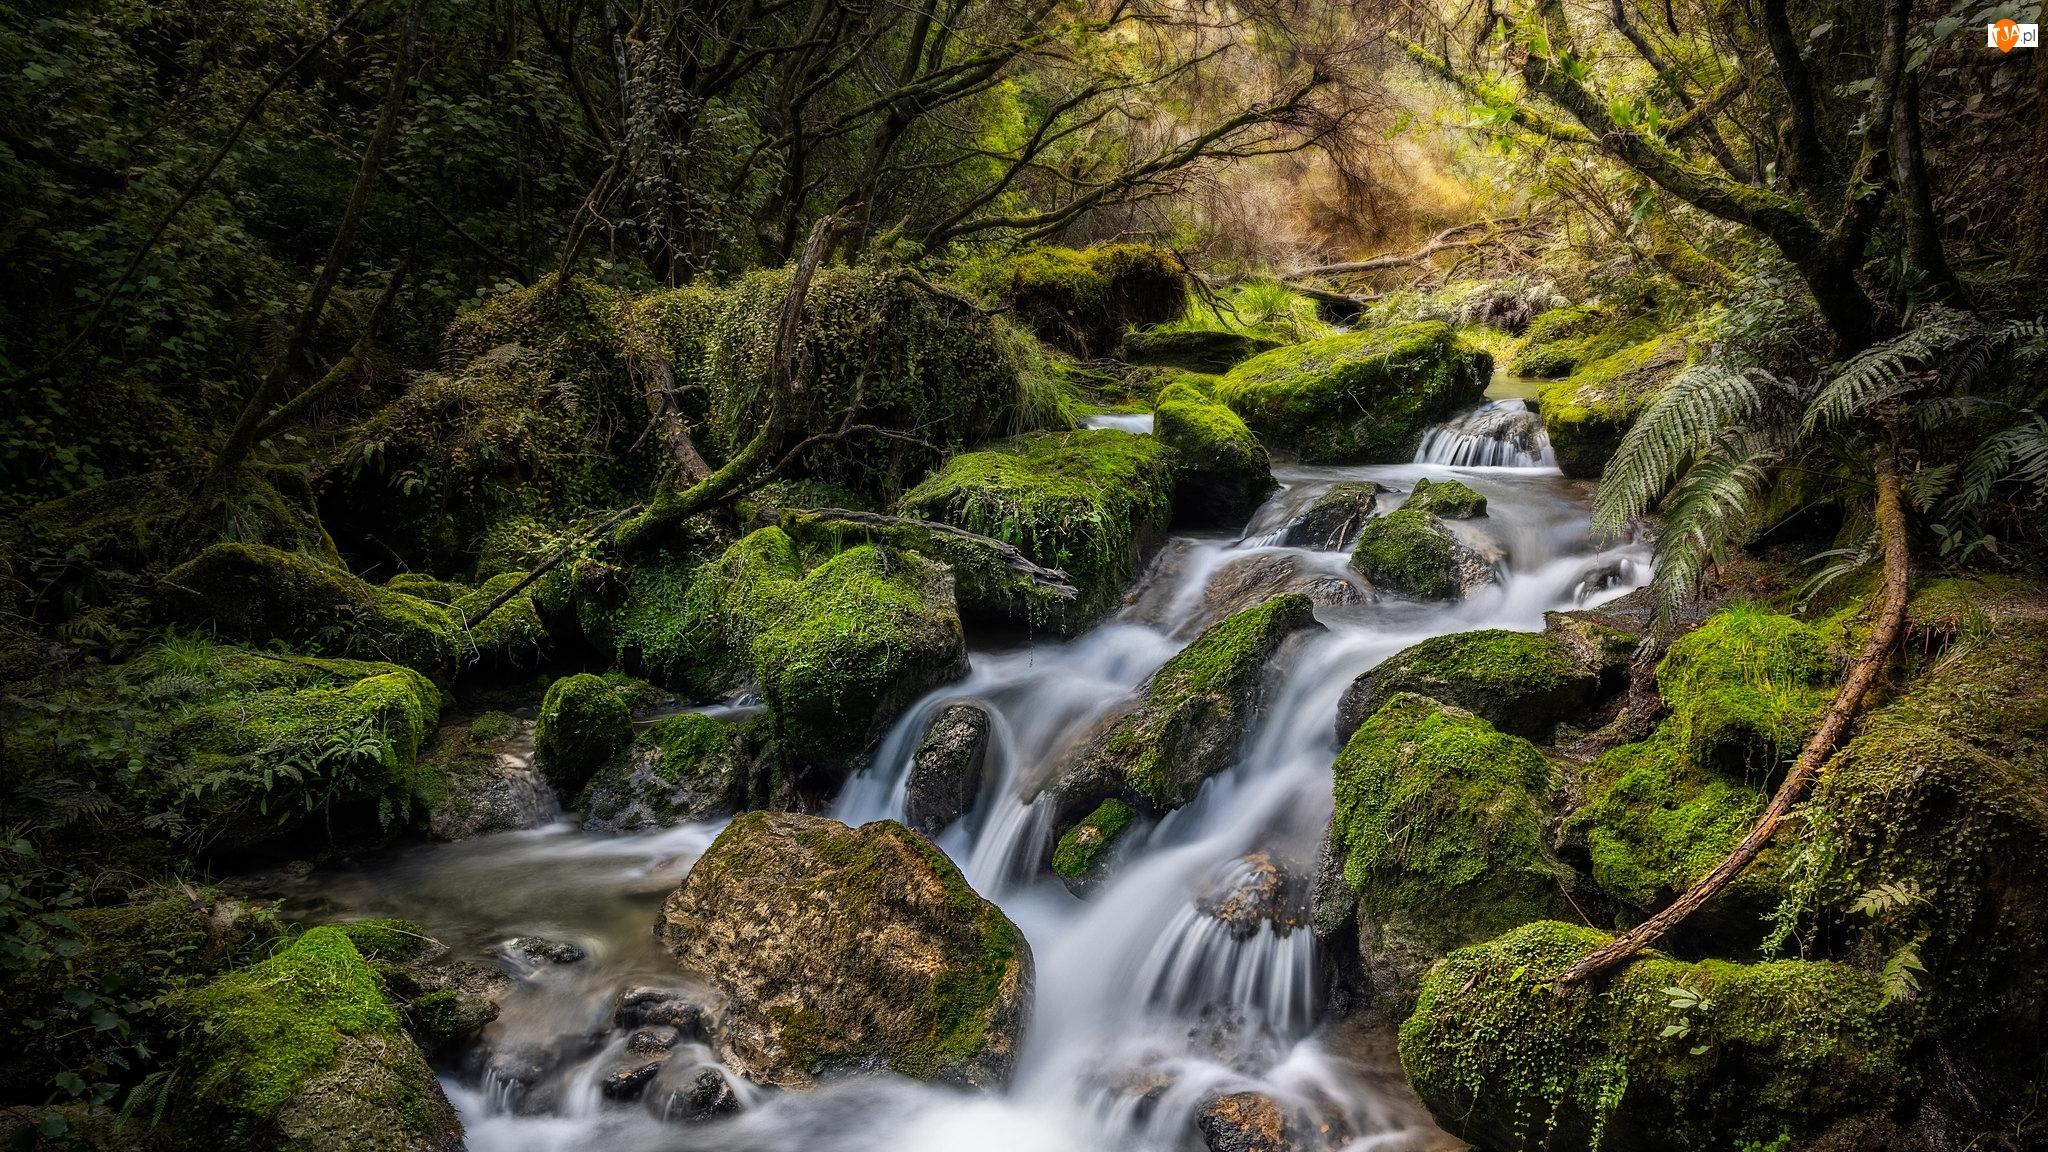 Rośliny, Rzeka, Omszałe, Tangoio, Potok, Kamienie, Nowa Zelandia, Las